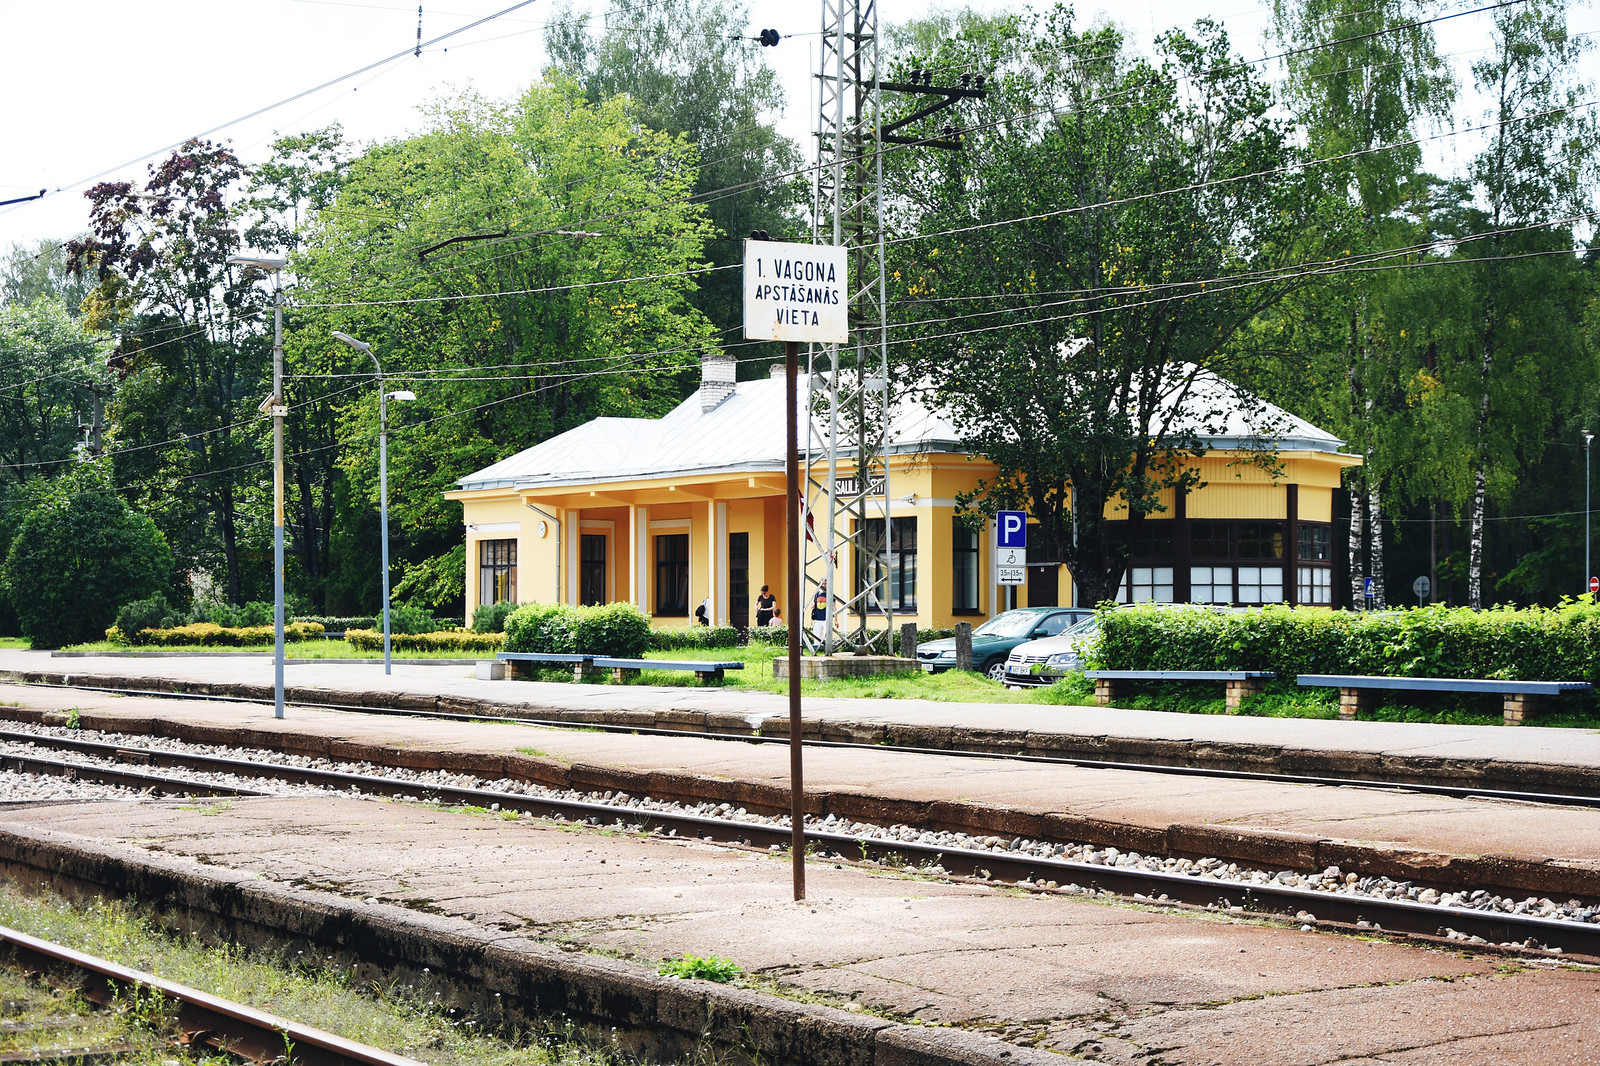 Saulkrasti train station